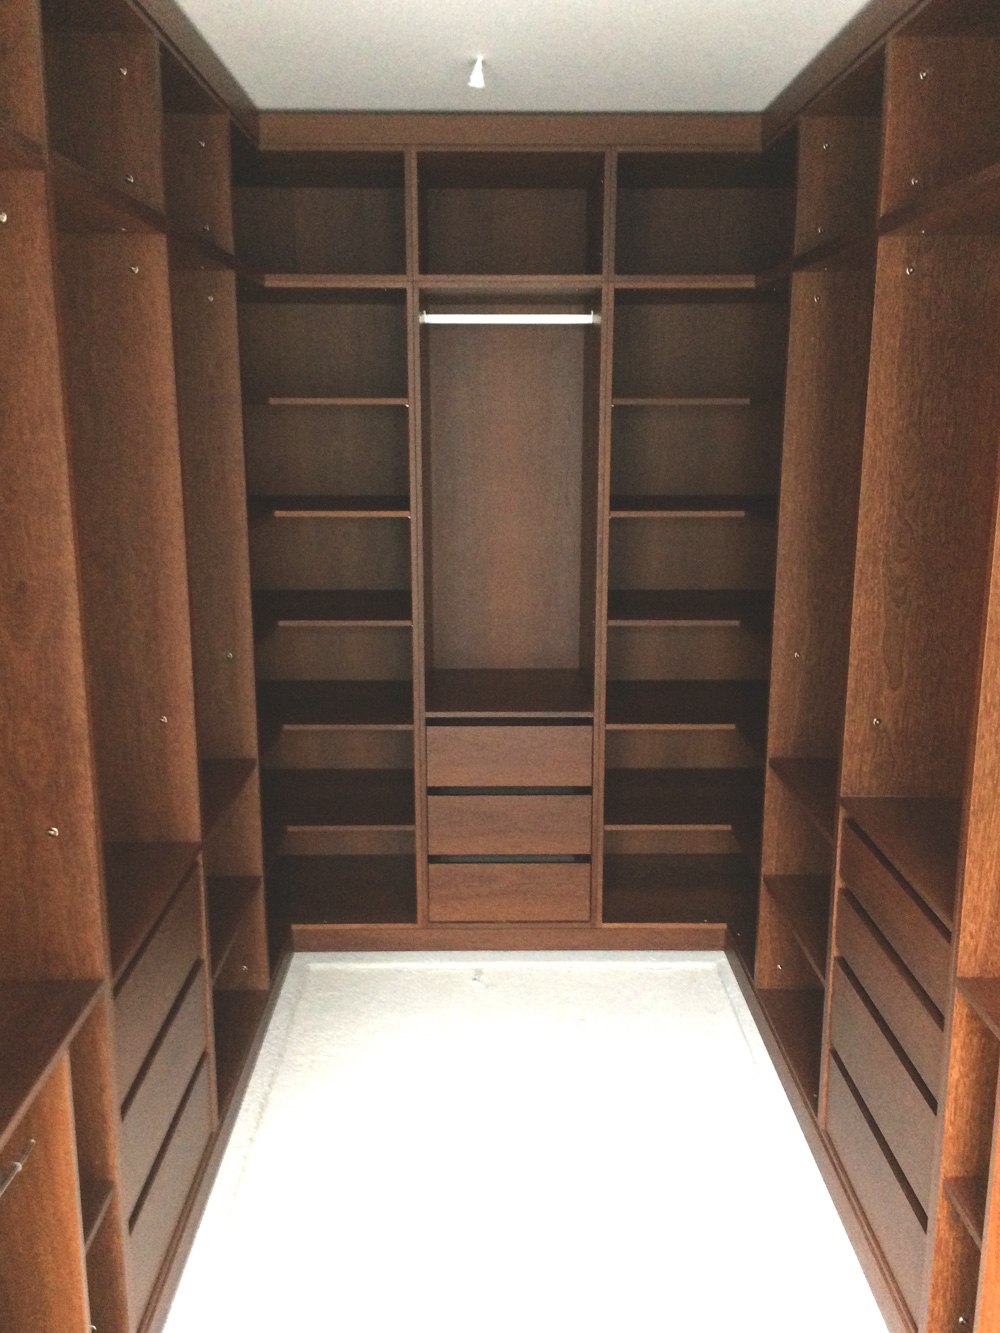 armario interior closet por medida